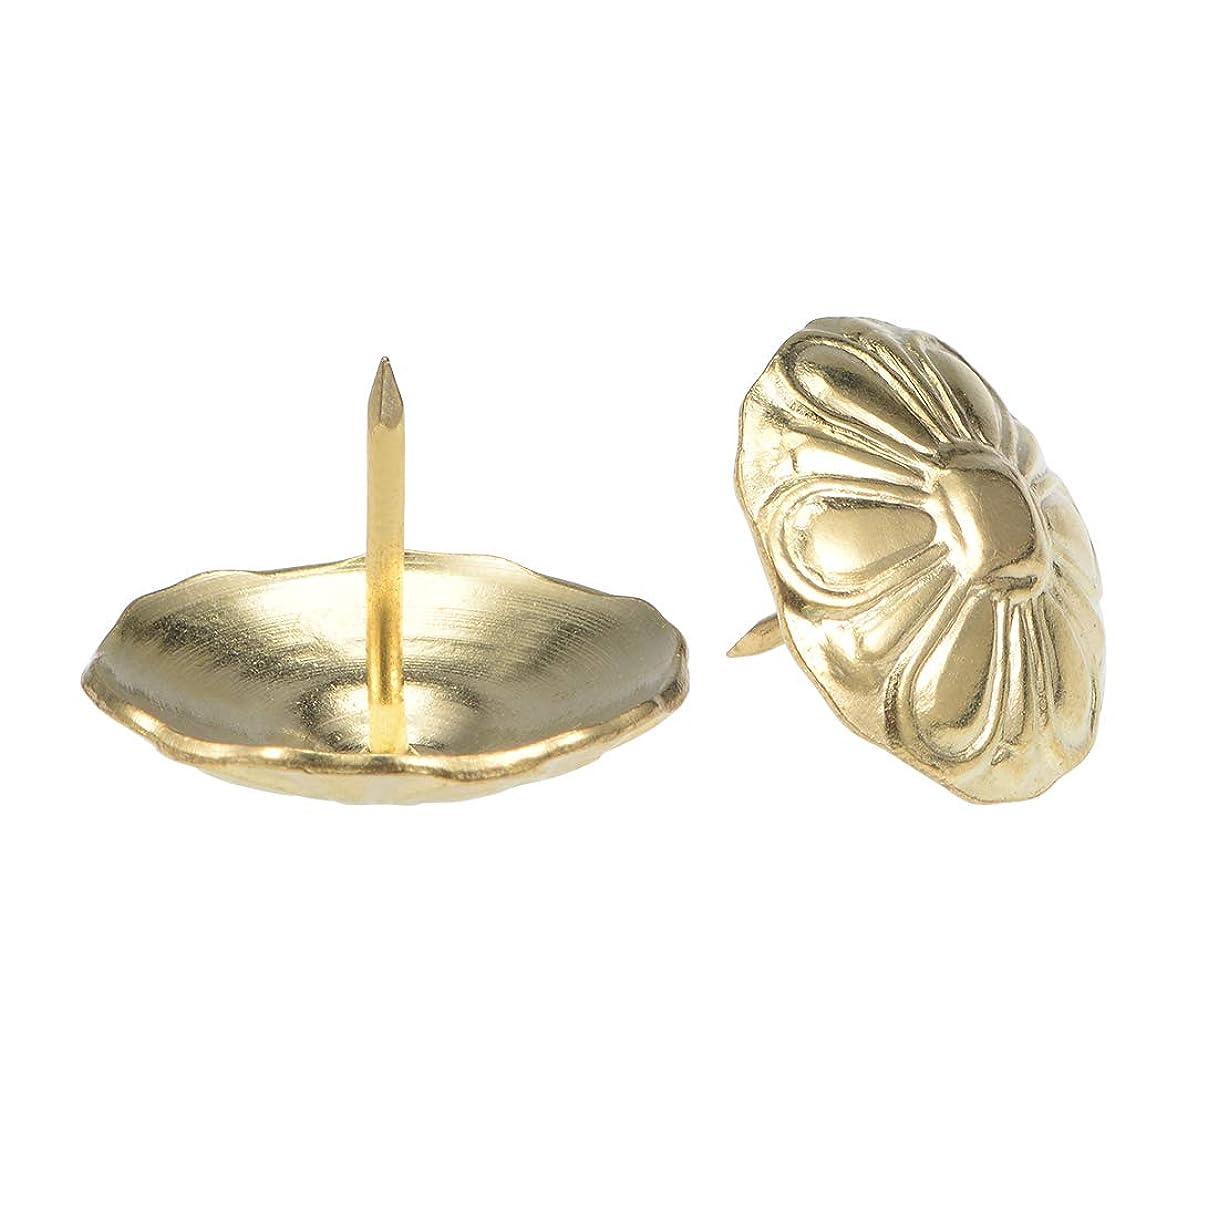 差別化する石膏天気uxcell ネイルタック サムプッシュピン 室内装飾品 24mmヘッド直径 円形 ゴールドトーン 10 個